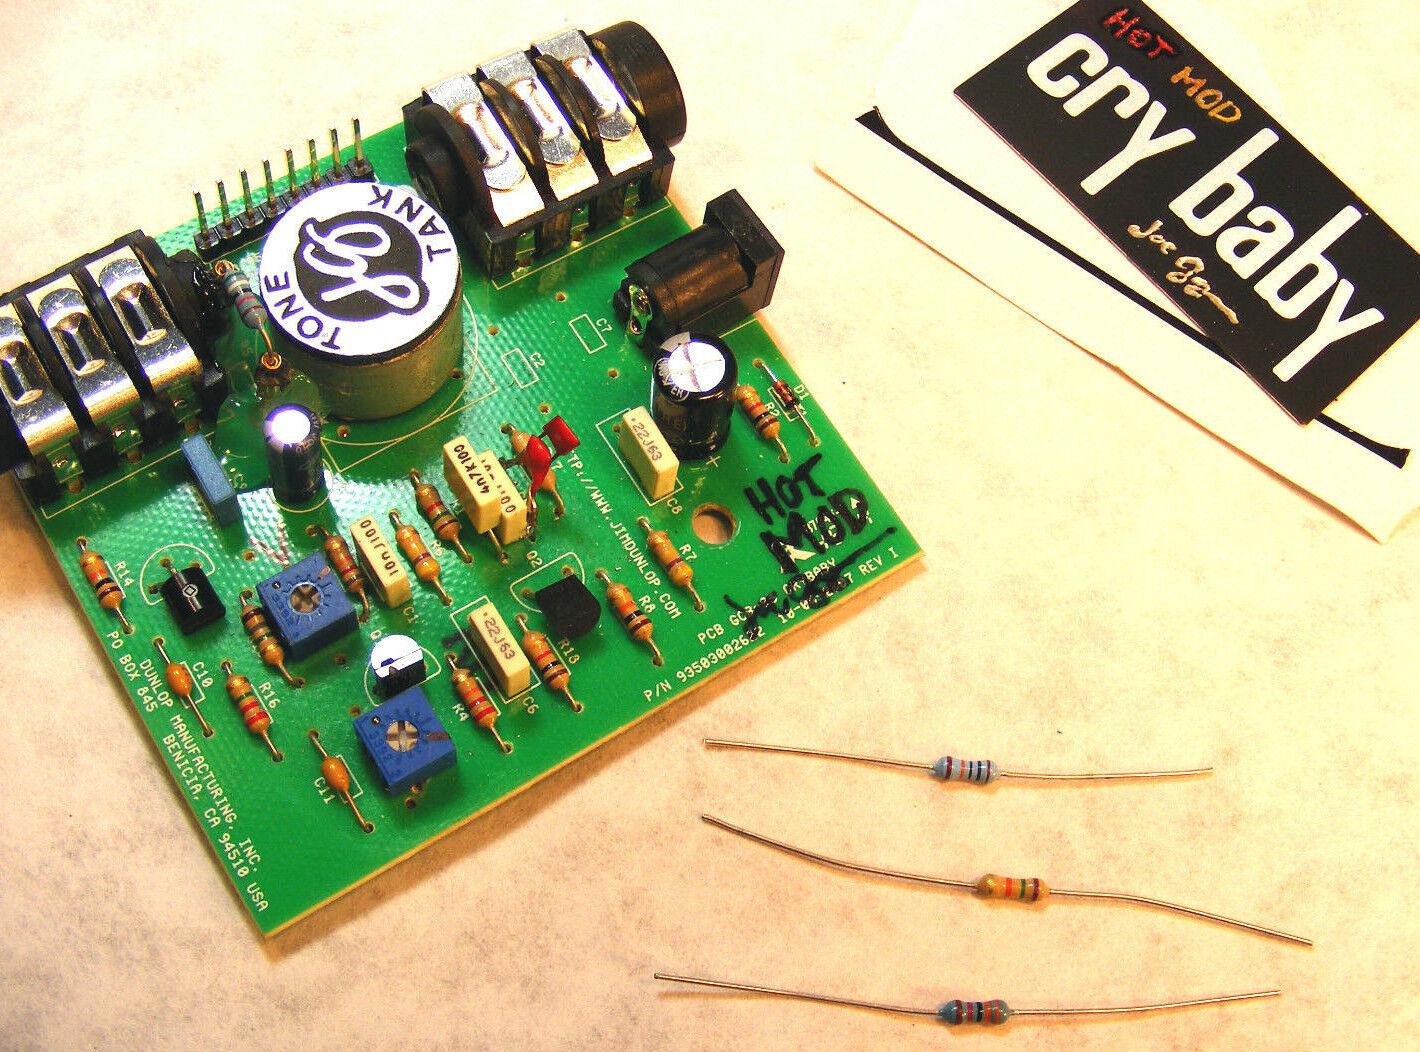 Nuevo HOT MOD Crybaby placa placa placa de circuito impreso en-DROP bajo precio, gcb95 Mod, sin soldadura, Dunlop Wah  ventas en línea de venta